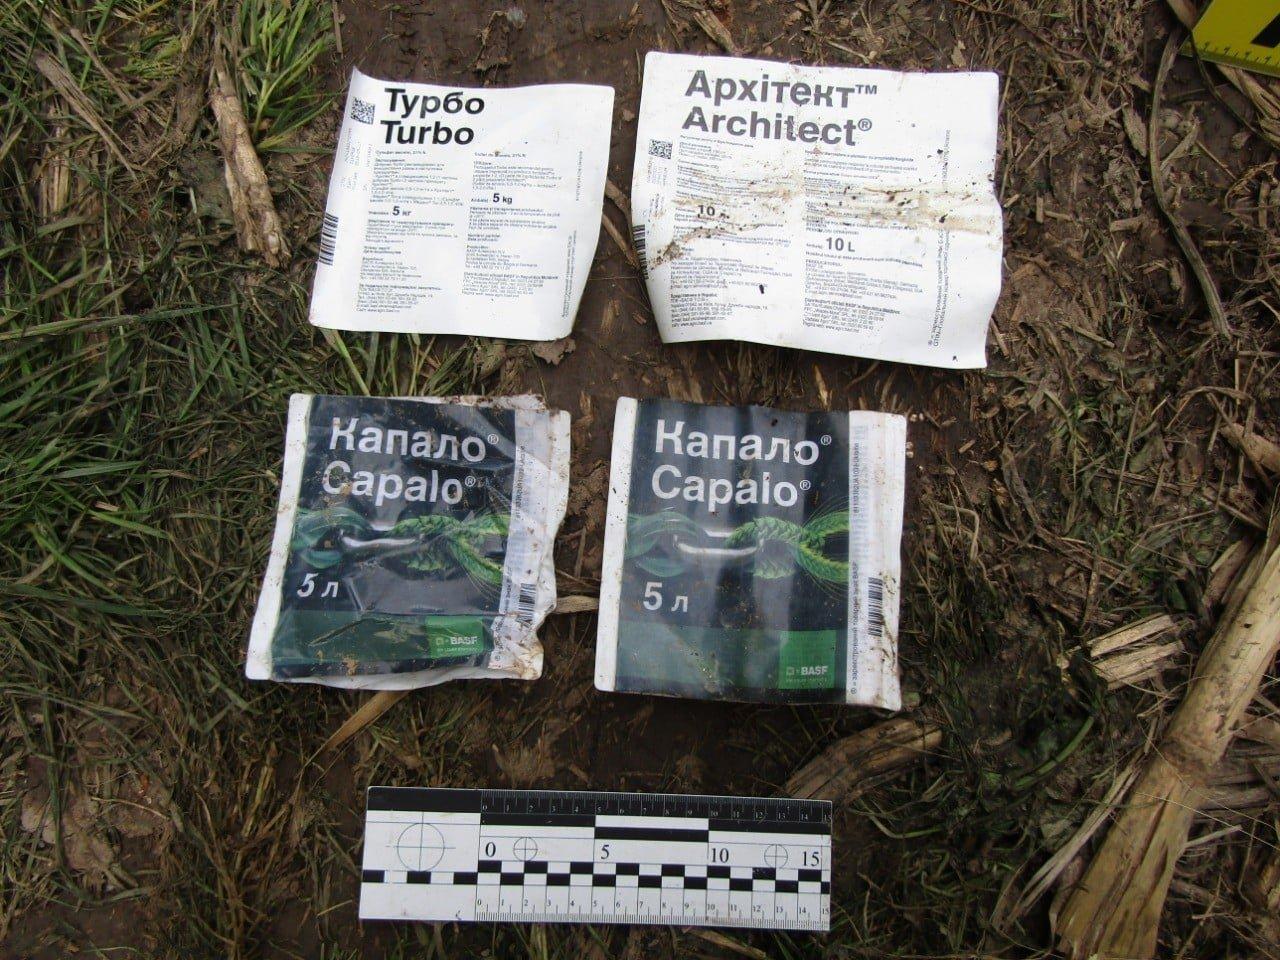 Кам'янецькі слідчі відкрили кримінальне провадження за фактом забруднення земель, фото-1, Фото: Кам'янець-Подільське районне управління поліції